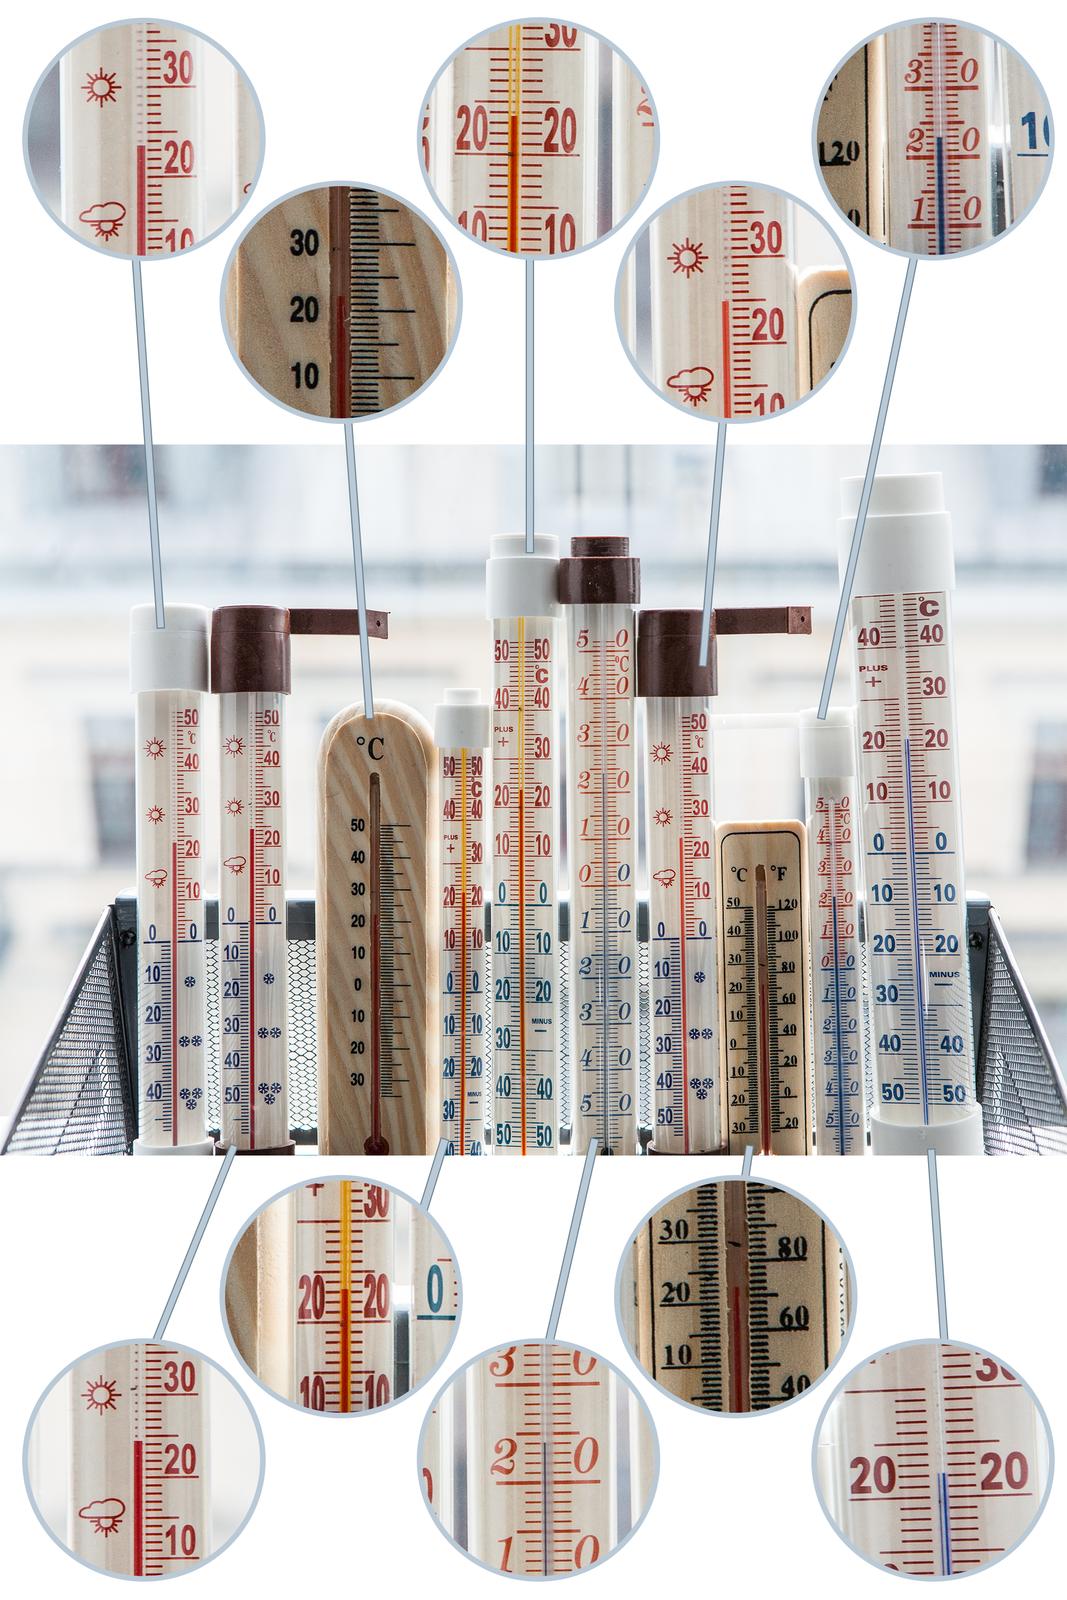 Fotografia przedstawia kosz zawierający termometry służace do pomiaru temperatury wpomieszczeniu lub na zewnątrz. Każdy znich wskazuje nieco inny wynik pomiaru.